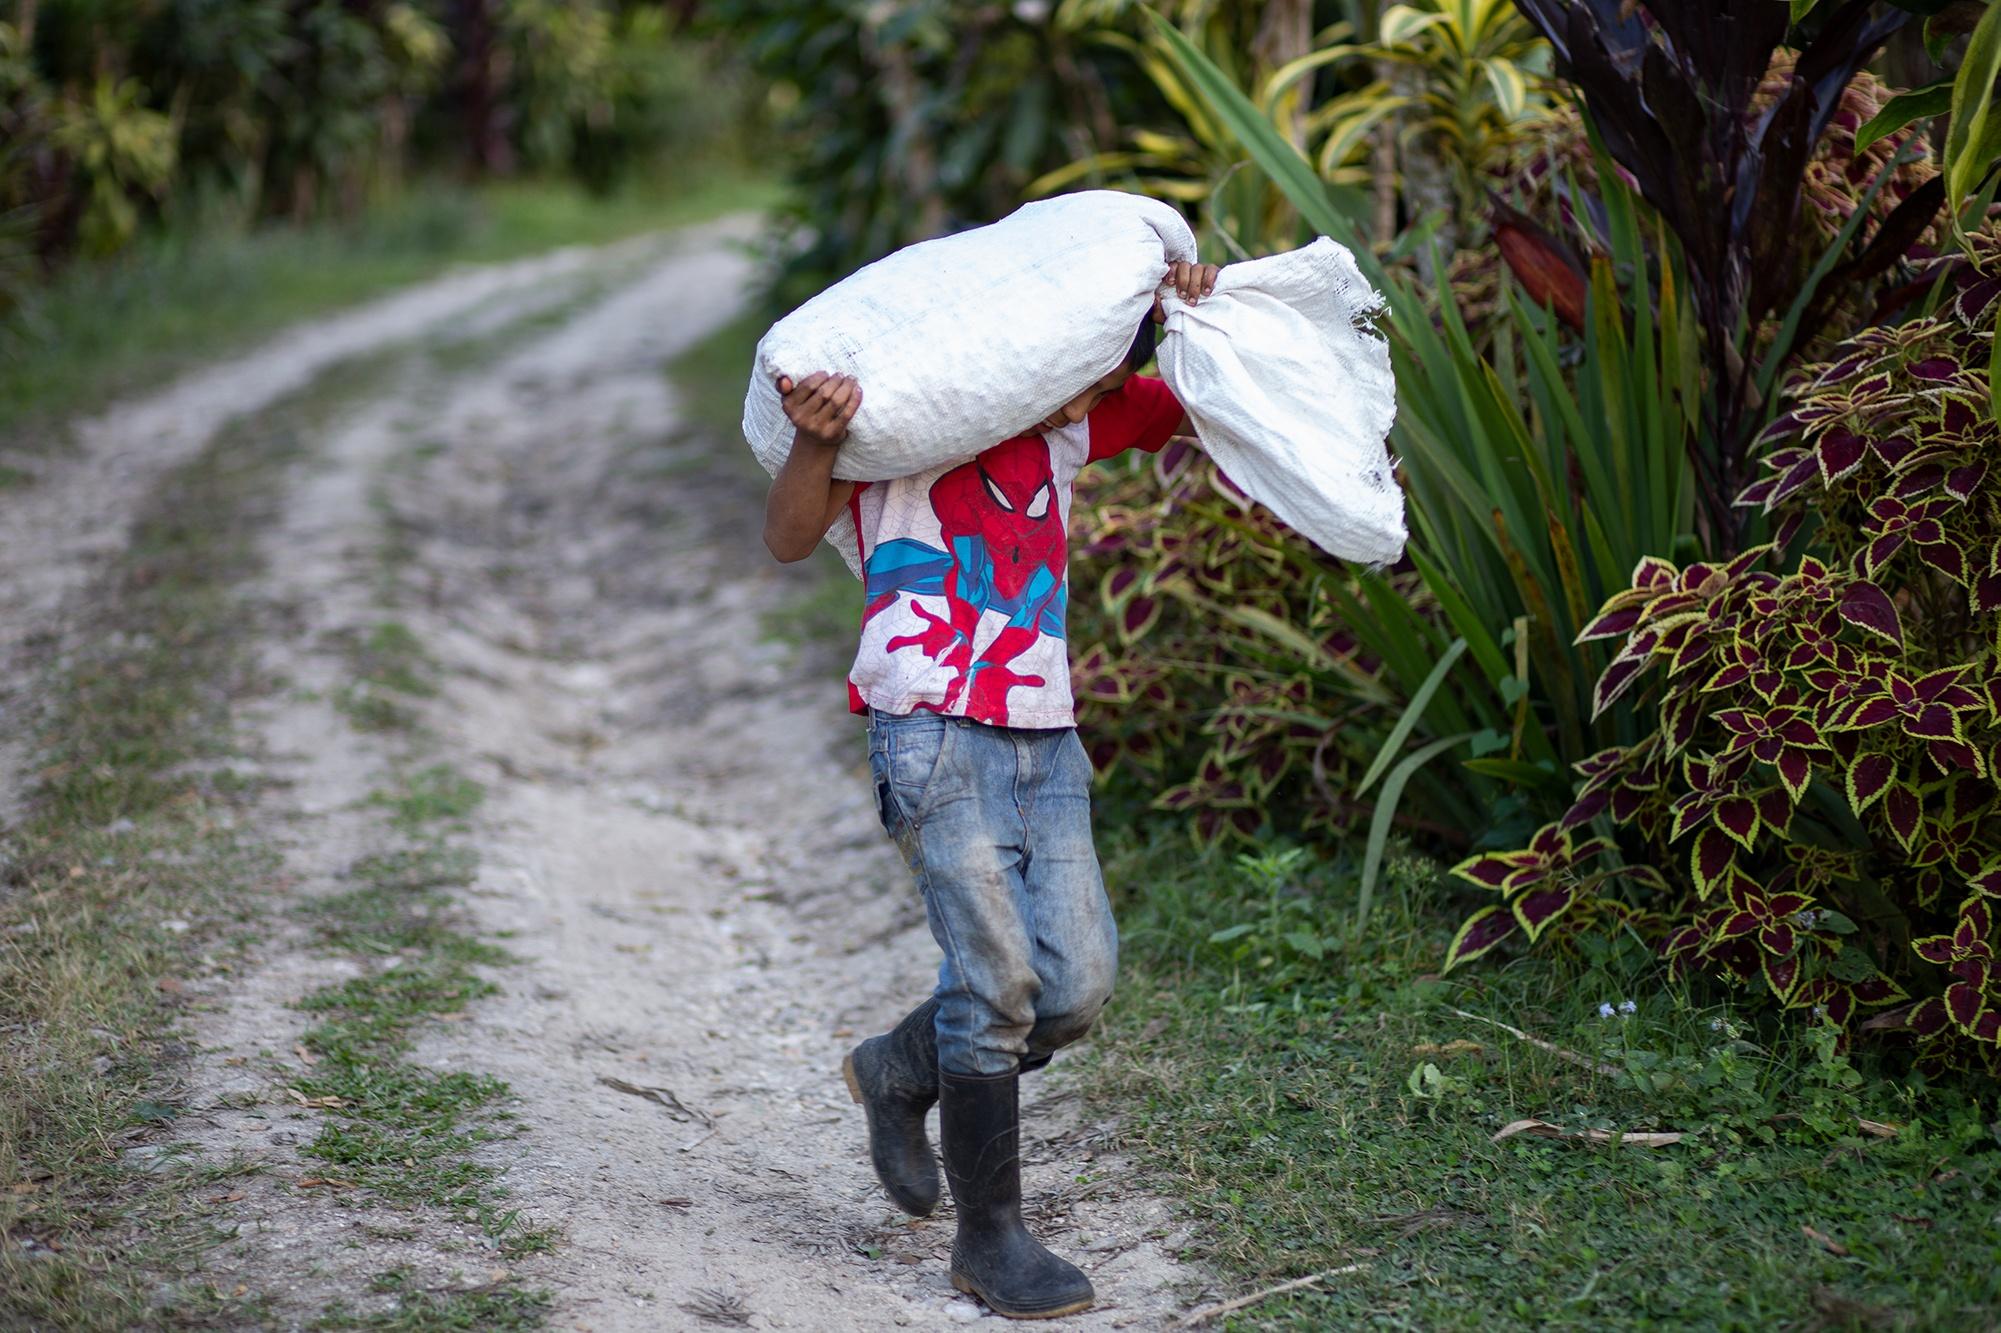 Ariel, de 12 años, originario de la comunidad de Belén, trabaja cortando y seleccionando café, tarea que suelen realizar los niños que se incorporan al corte en las plantaciones de café. Corquín, Copán, 25 de febrero de 2021. Foto: Martín Cálix.